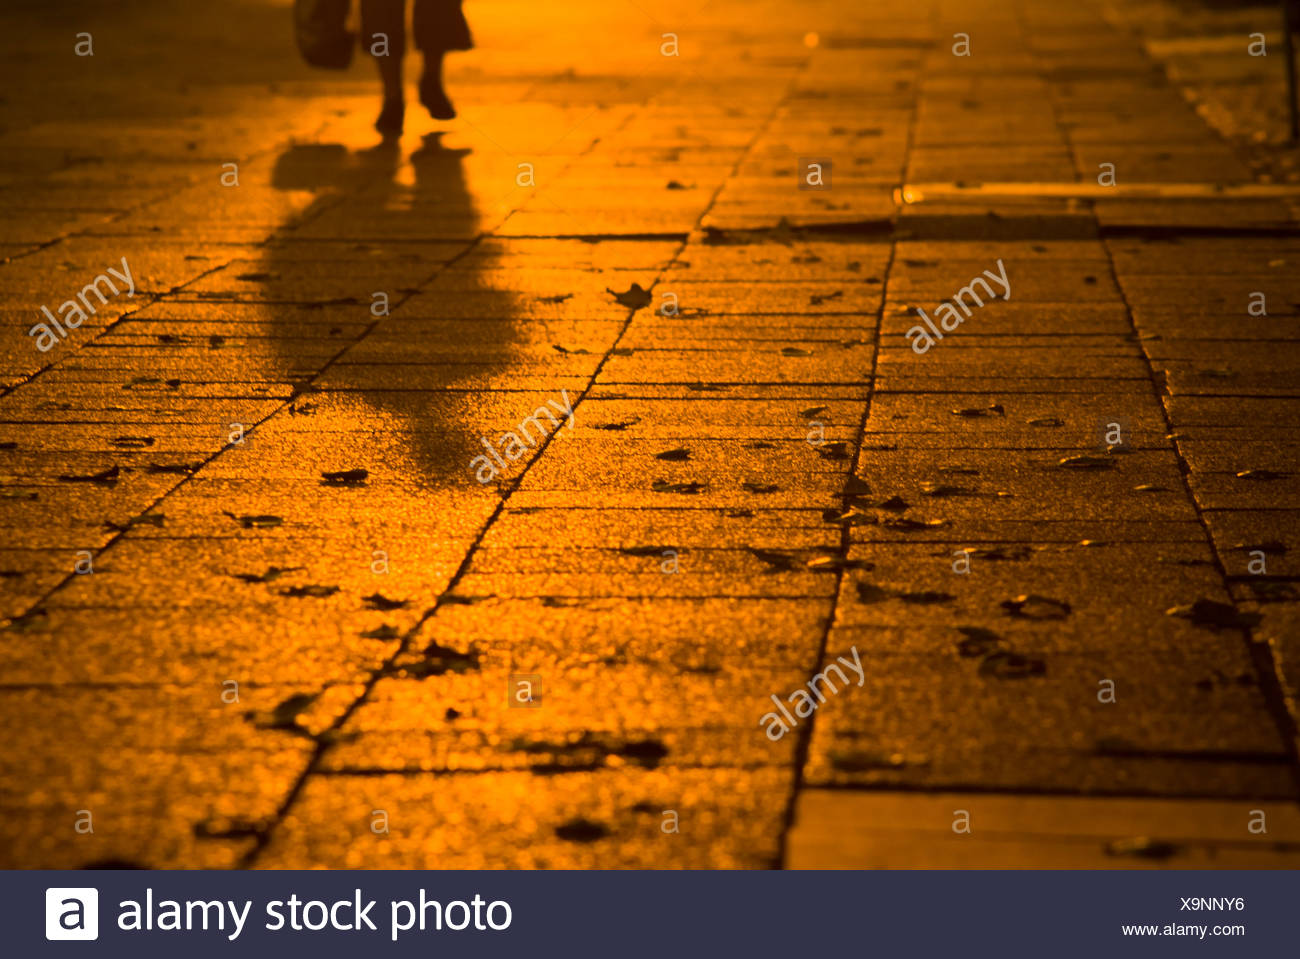 Fußgänger, Schatten in der Dämmerung, Karl-Marx-Allee, Berlin, Deutschland, Europa Stockbild